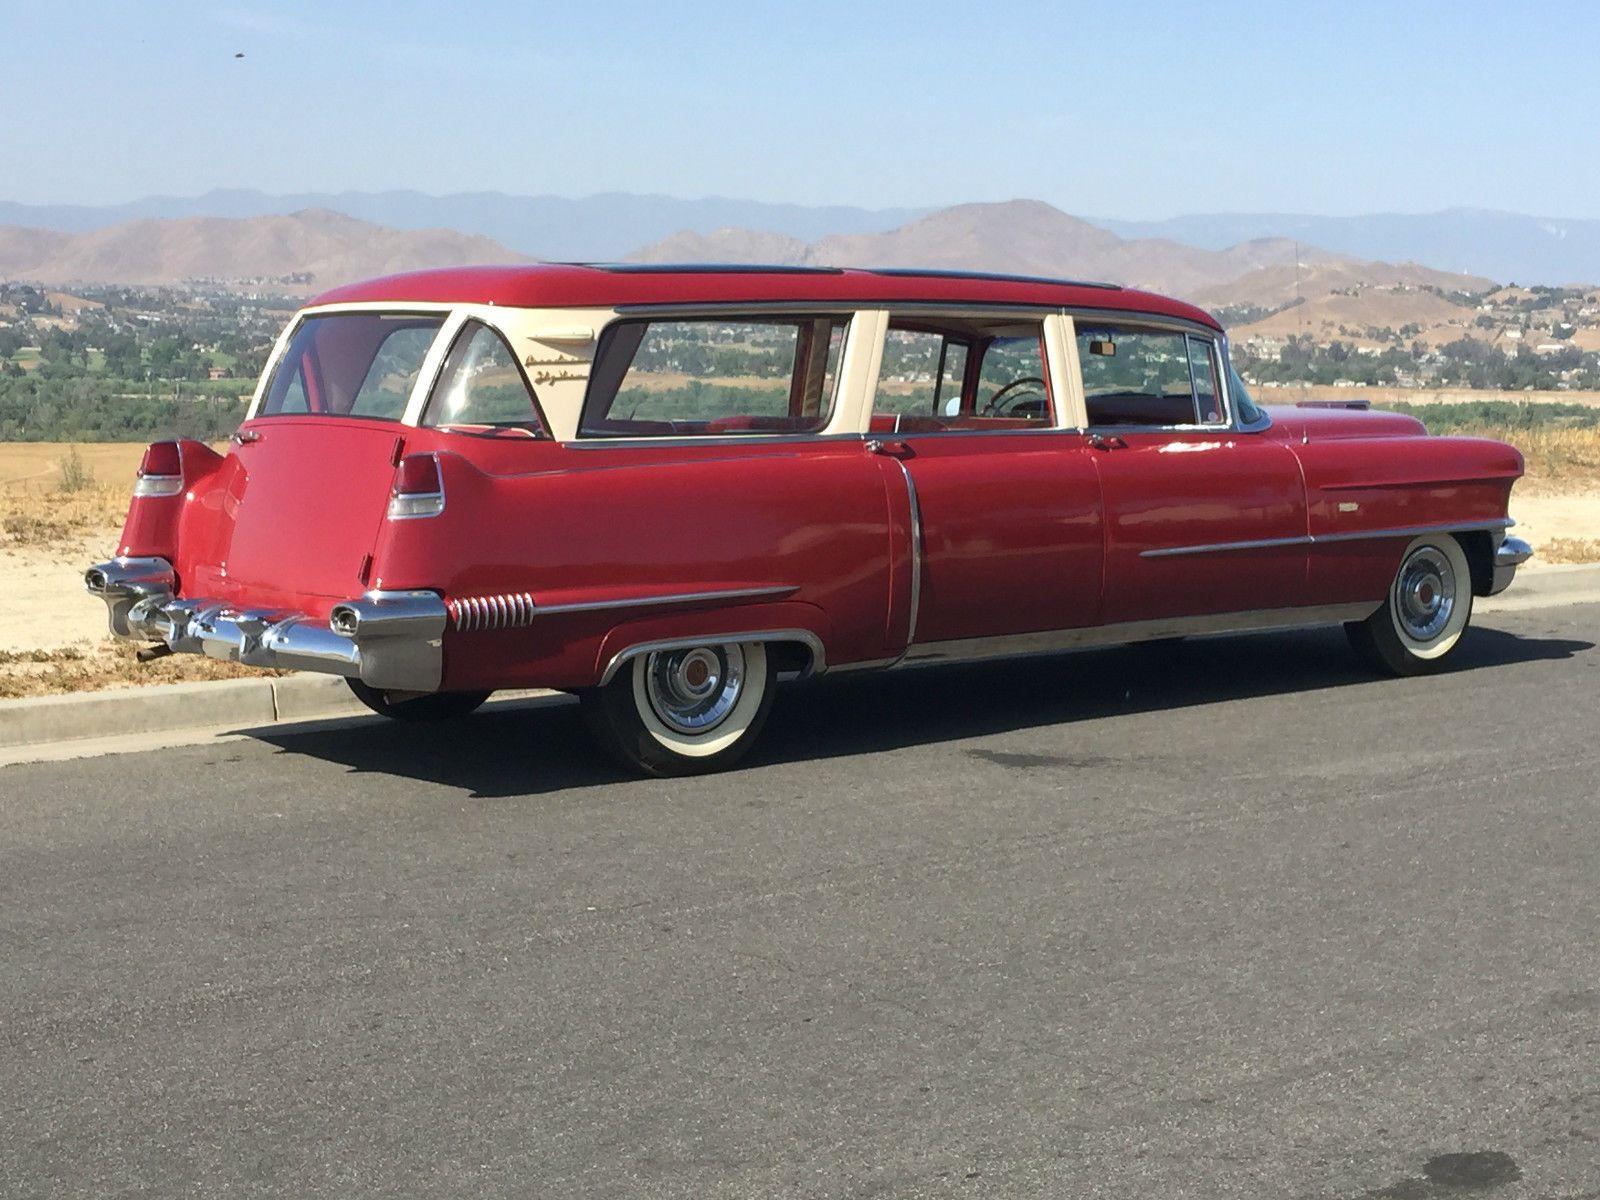 56 cadillac broadmoor skyview wagon